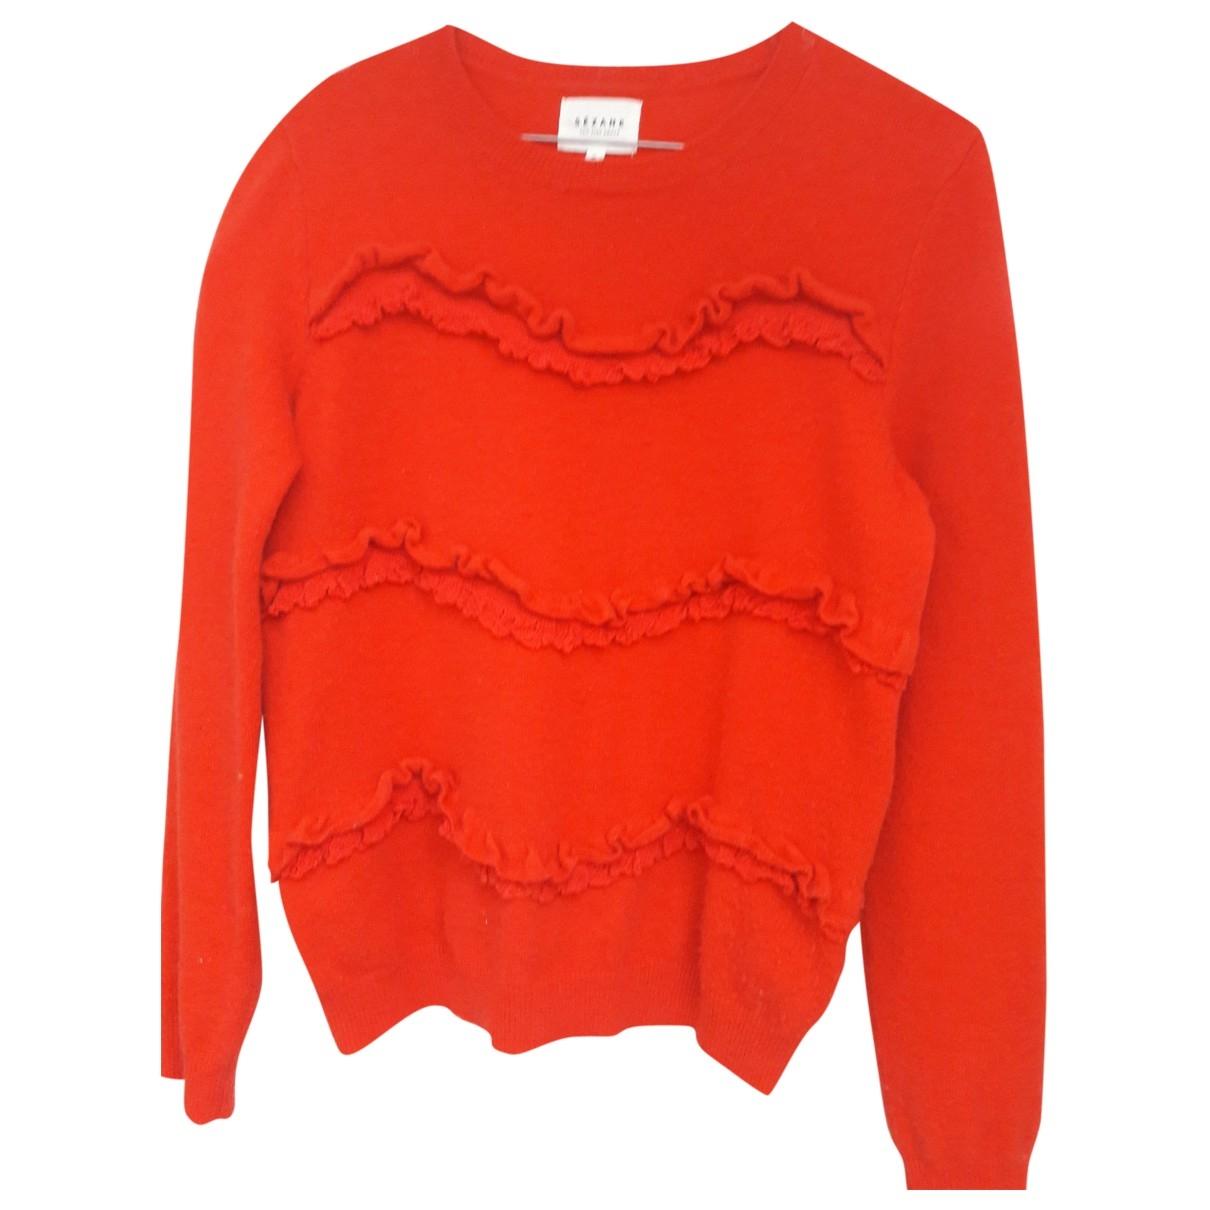 Sézane \N Red Wool Knitwear for Women S International